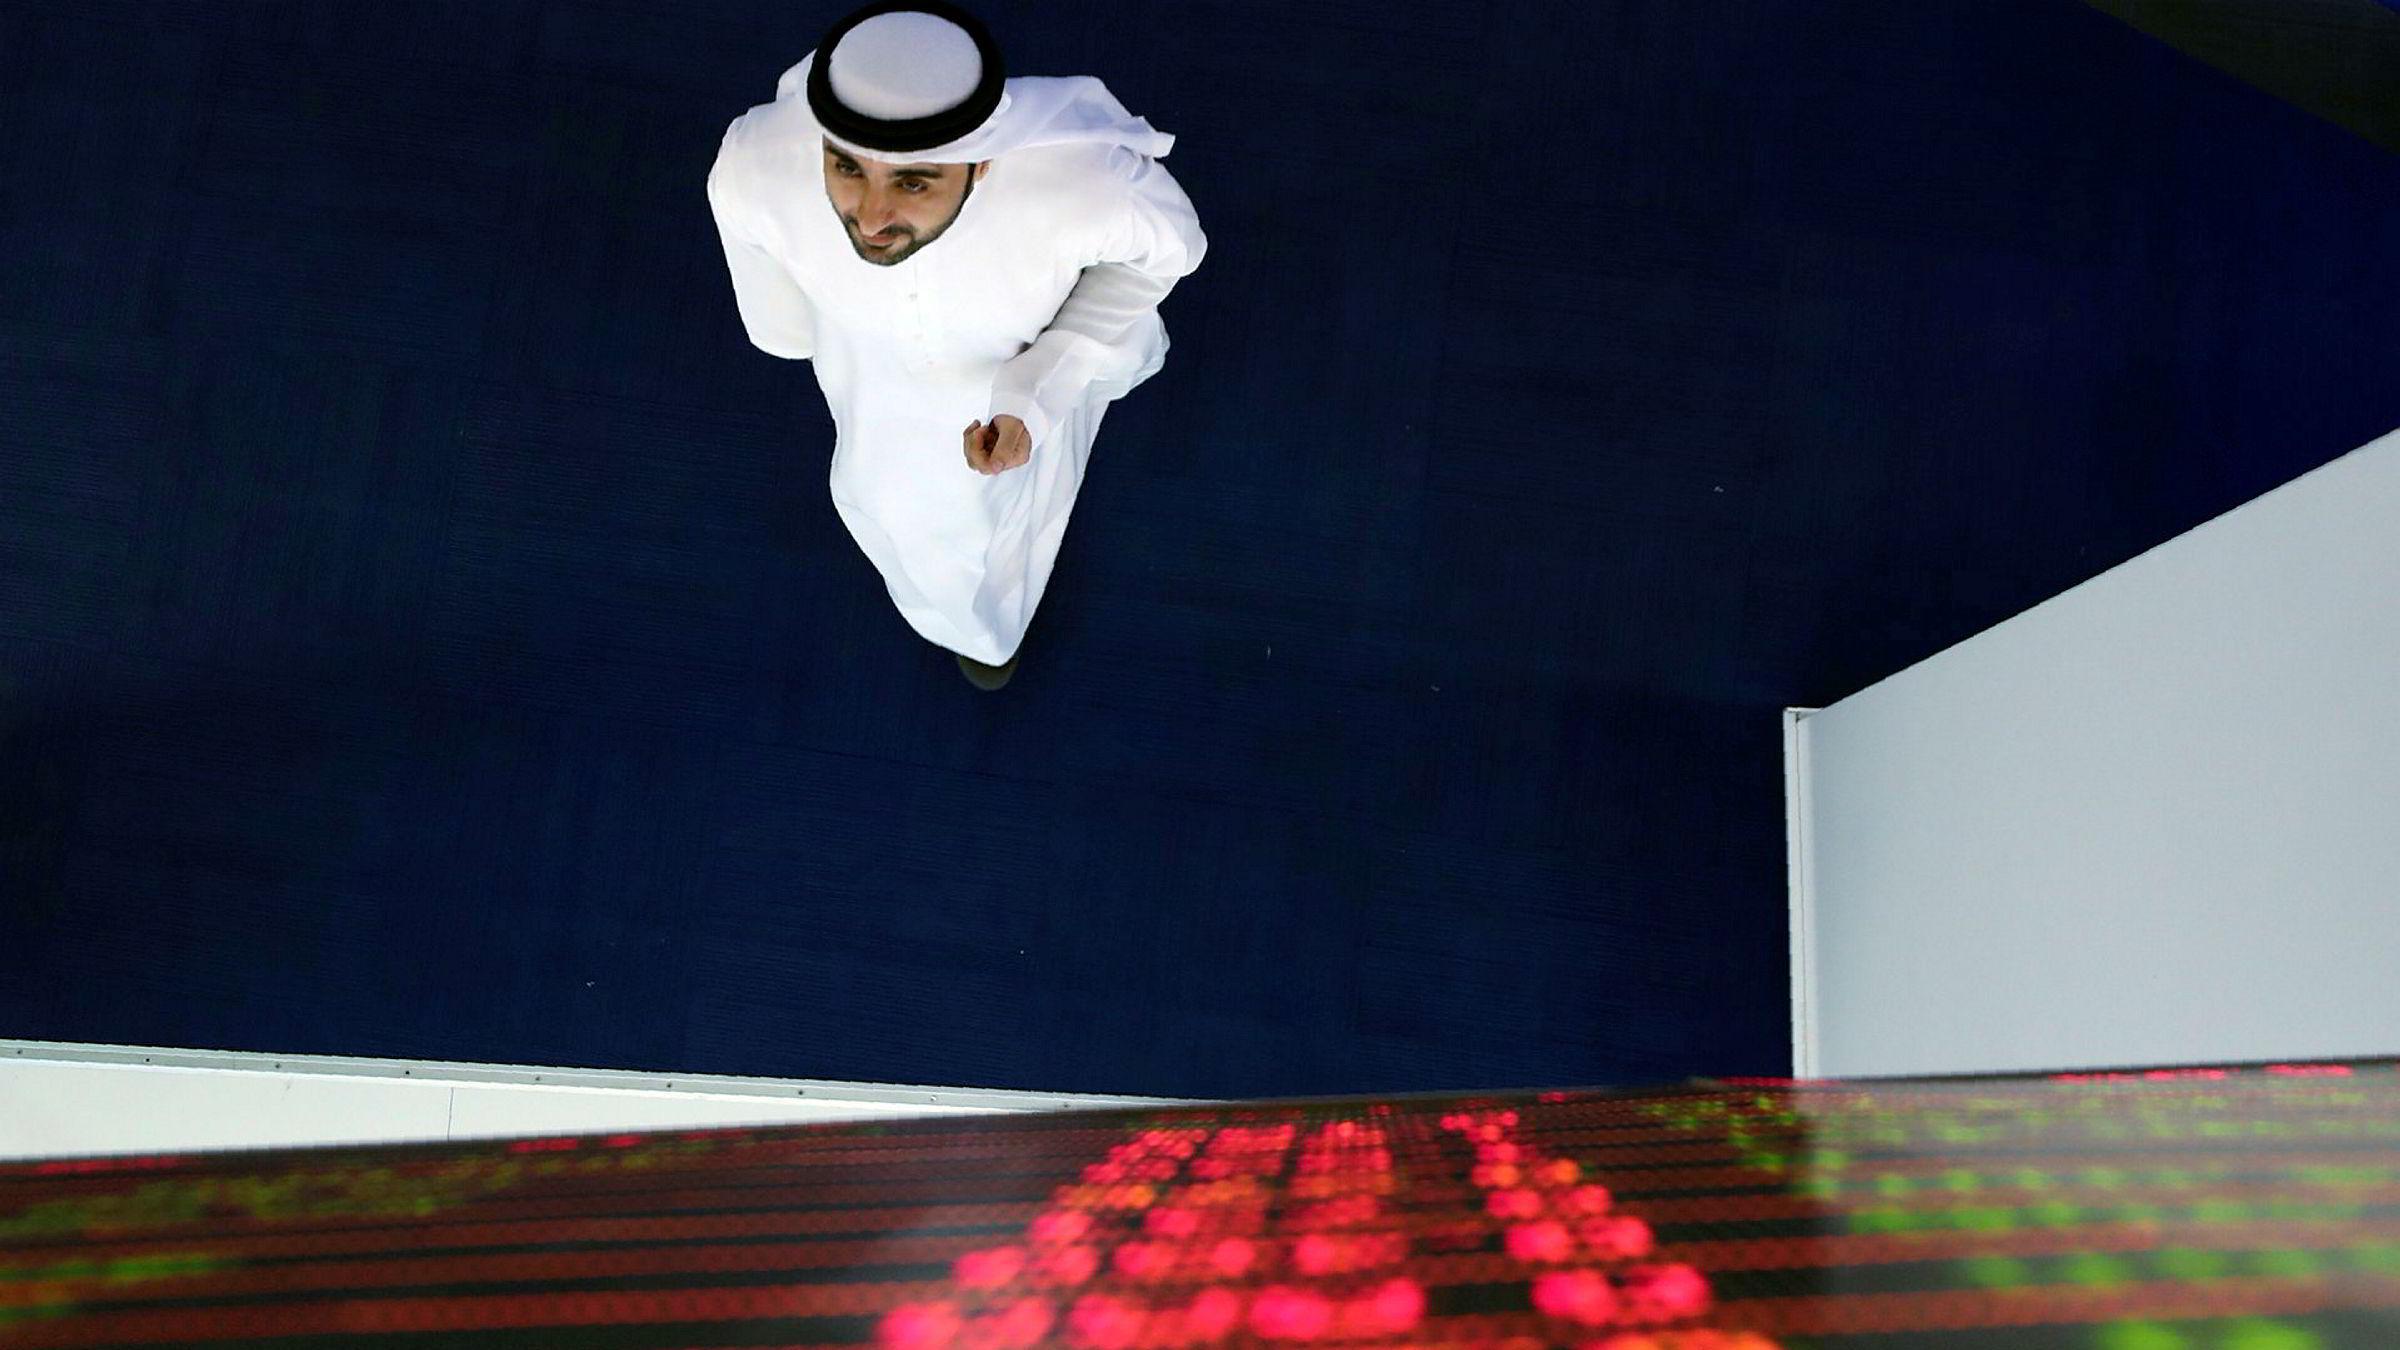 En megler følger kursutviklingen på den søndagsåpne Dubai-børsen. Det ble mange røde tall fra åpningen av, som følge av koronaviruset og Opec+-kollaps.